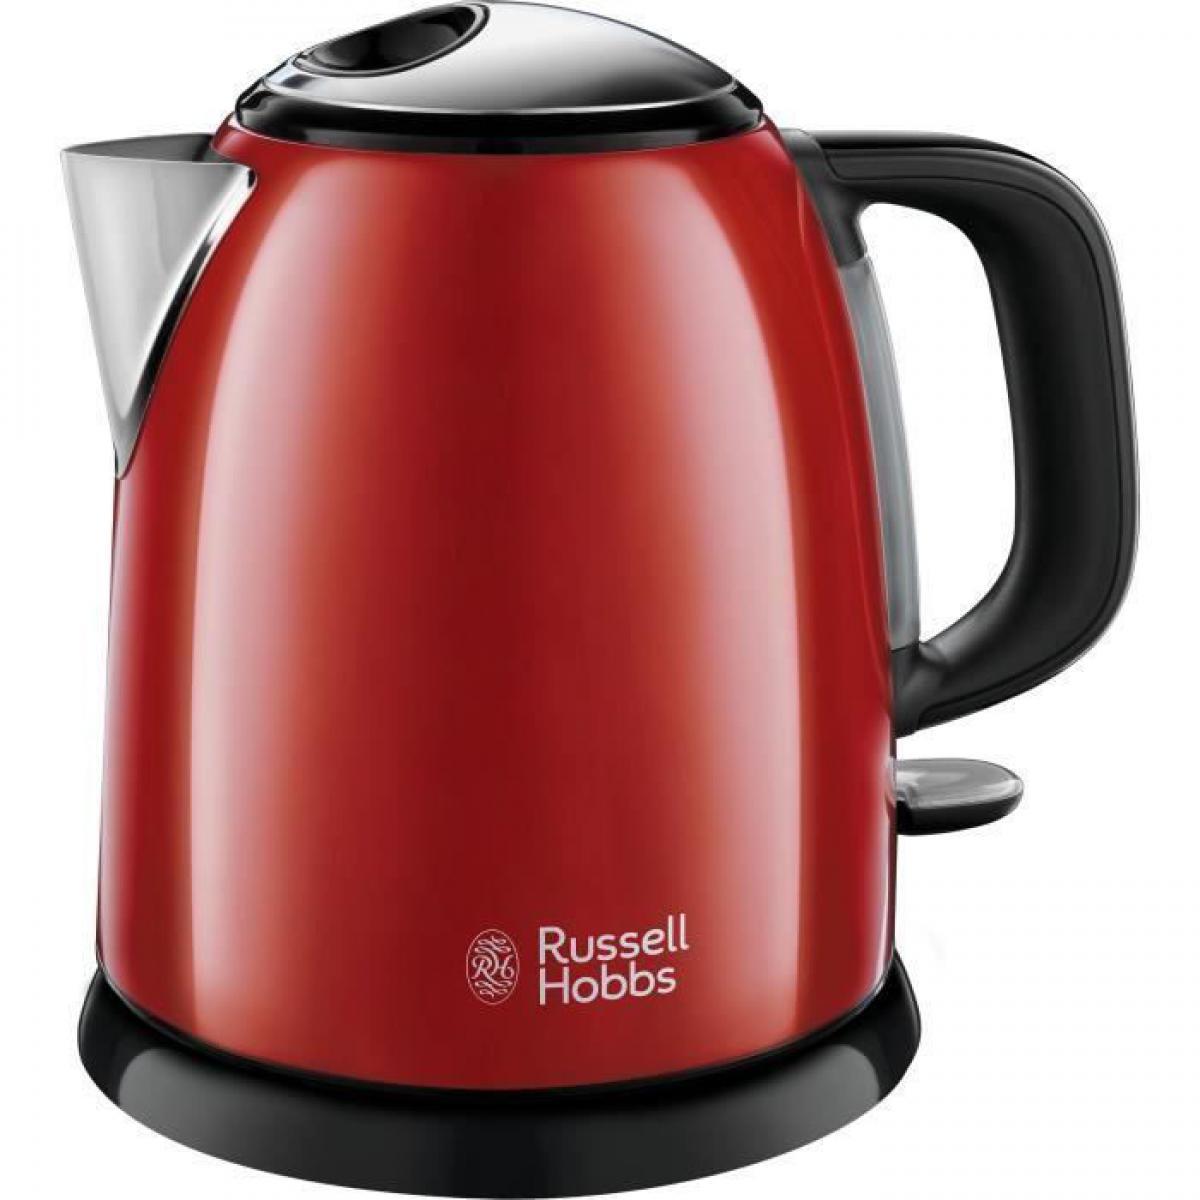 Russell Hobbs RUSSEL HOBBS 24992-70 Bouilloire Compacte Colours Plus Capacite 1 L Filtre Anti-Calcaire Amovible Lavable - Rouge